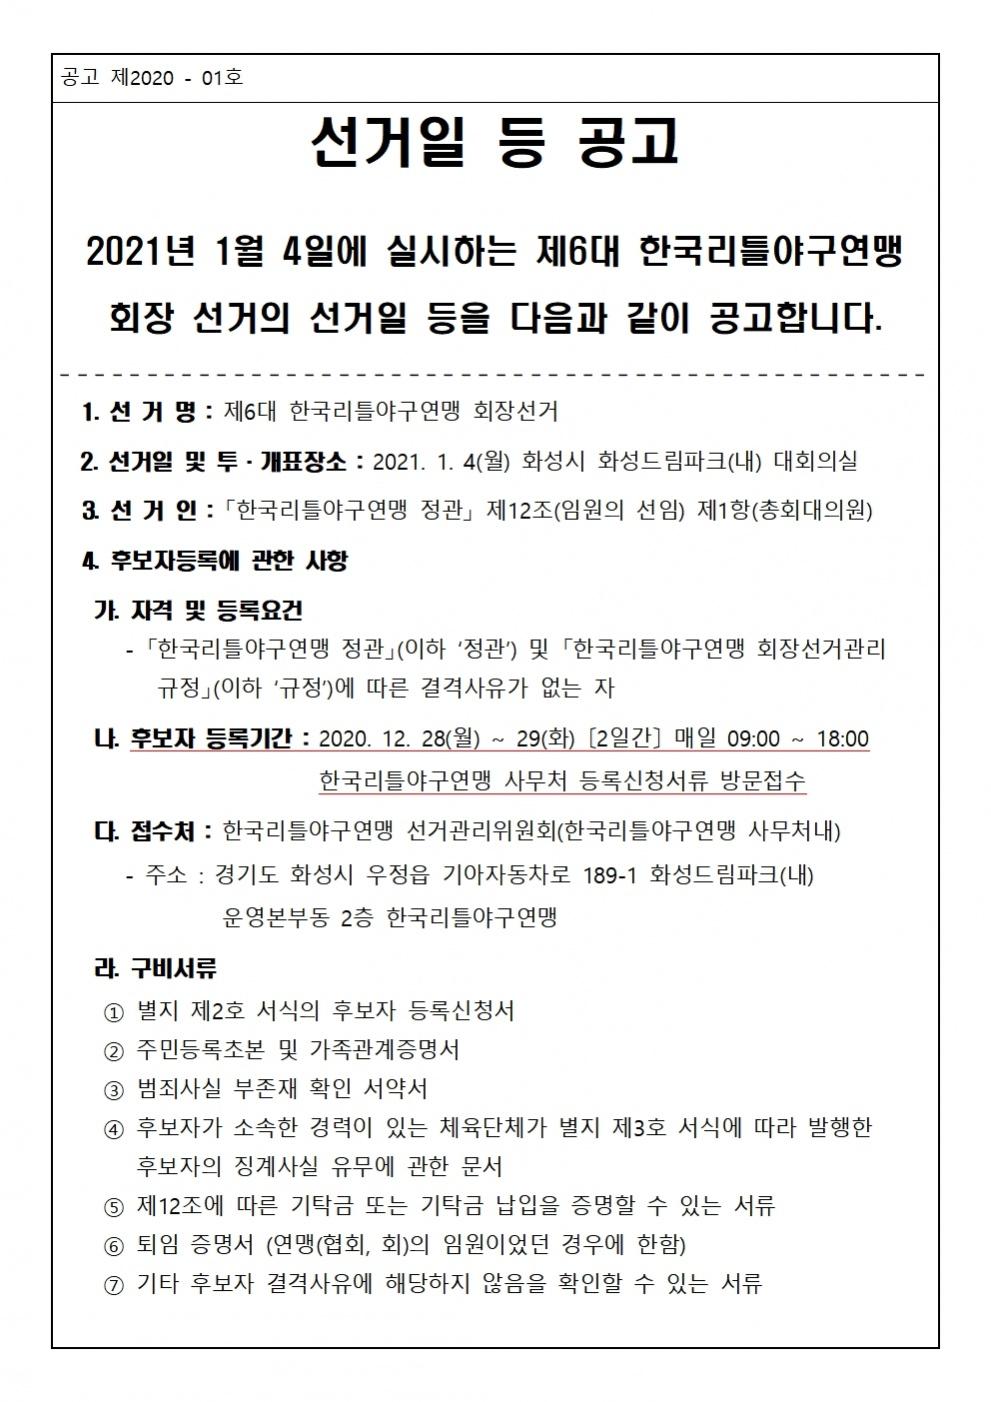 2020 제6대 연맹 회장선거공고001.jpg